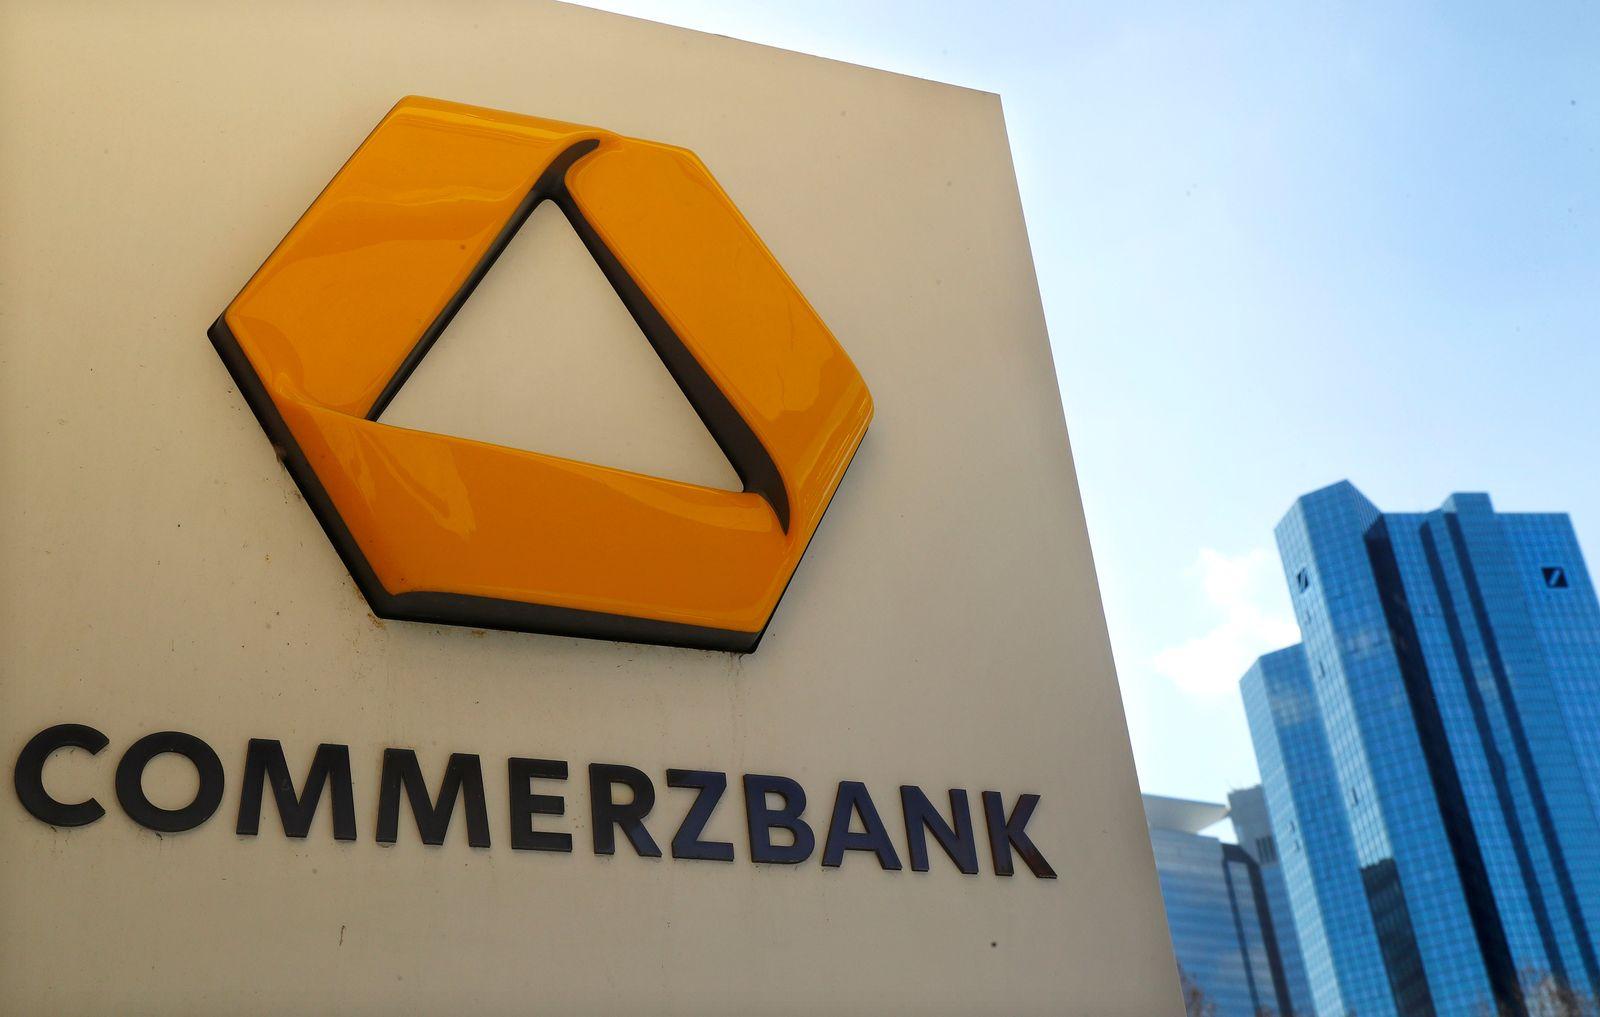 COMMERZBANK / DEUTSCHE BANK